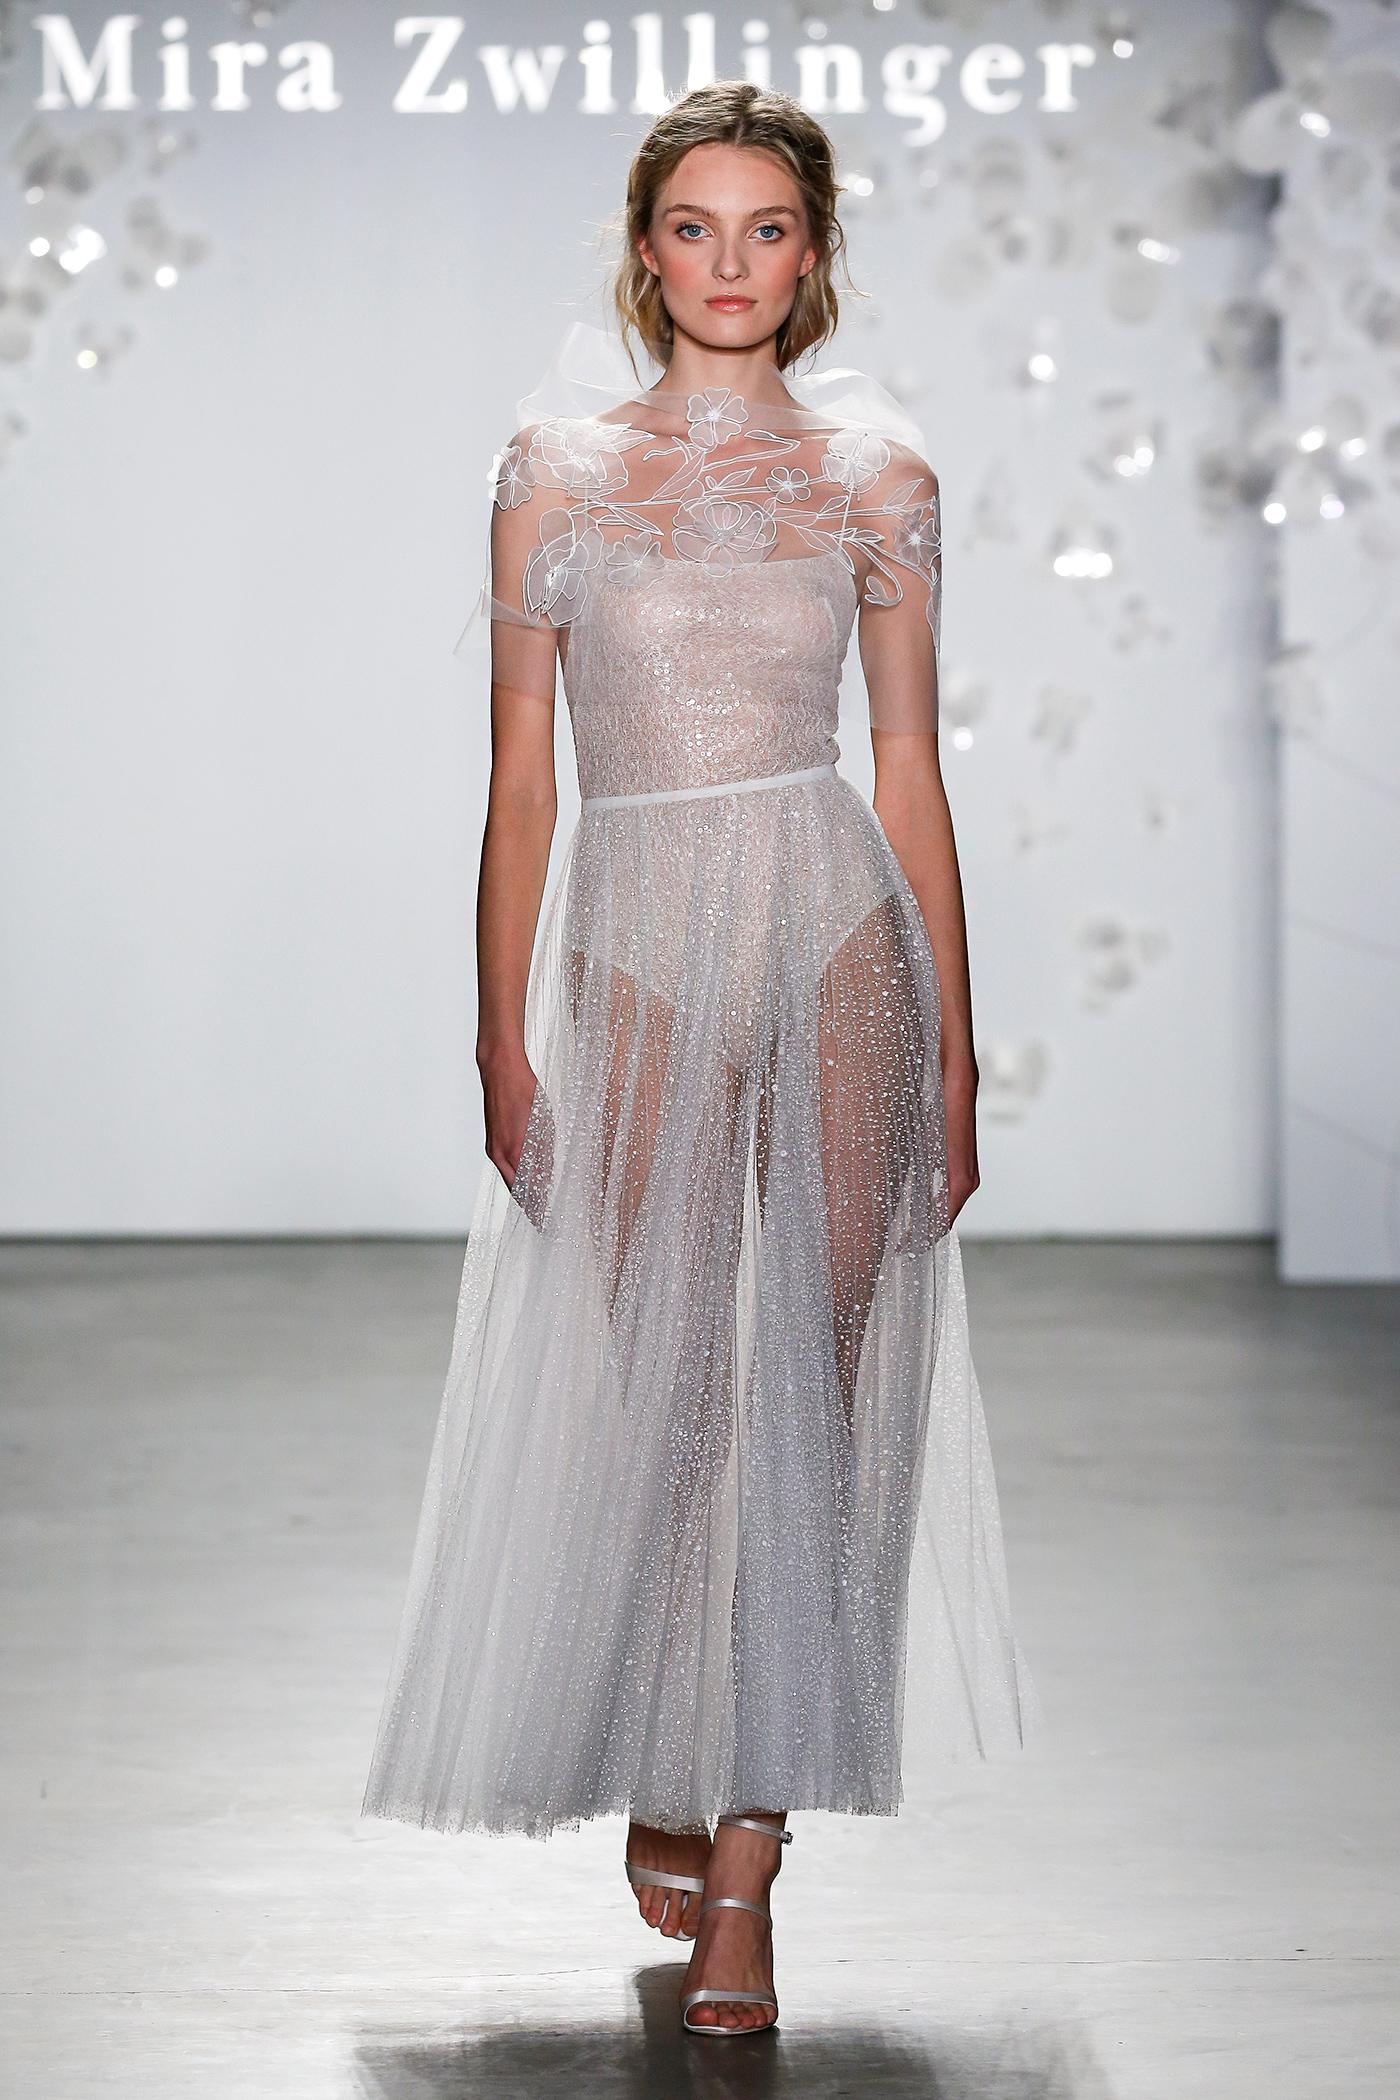 mira zwillinger sheer embellished wedding dress spring 2020